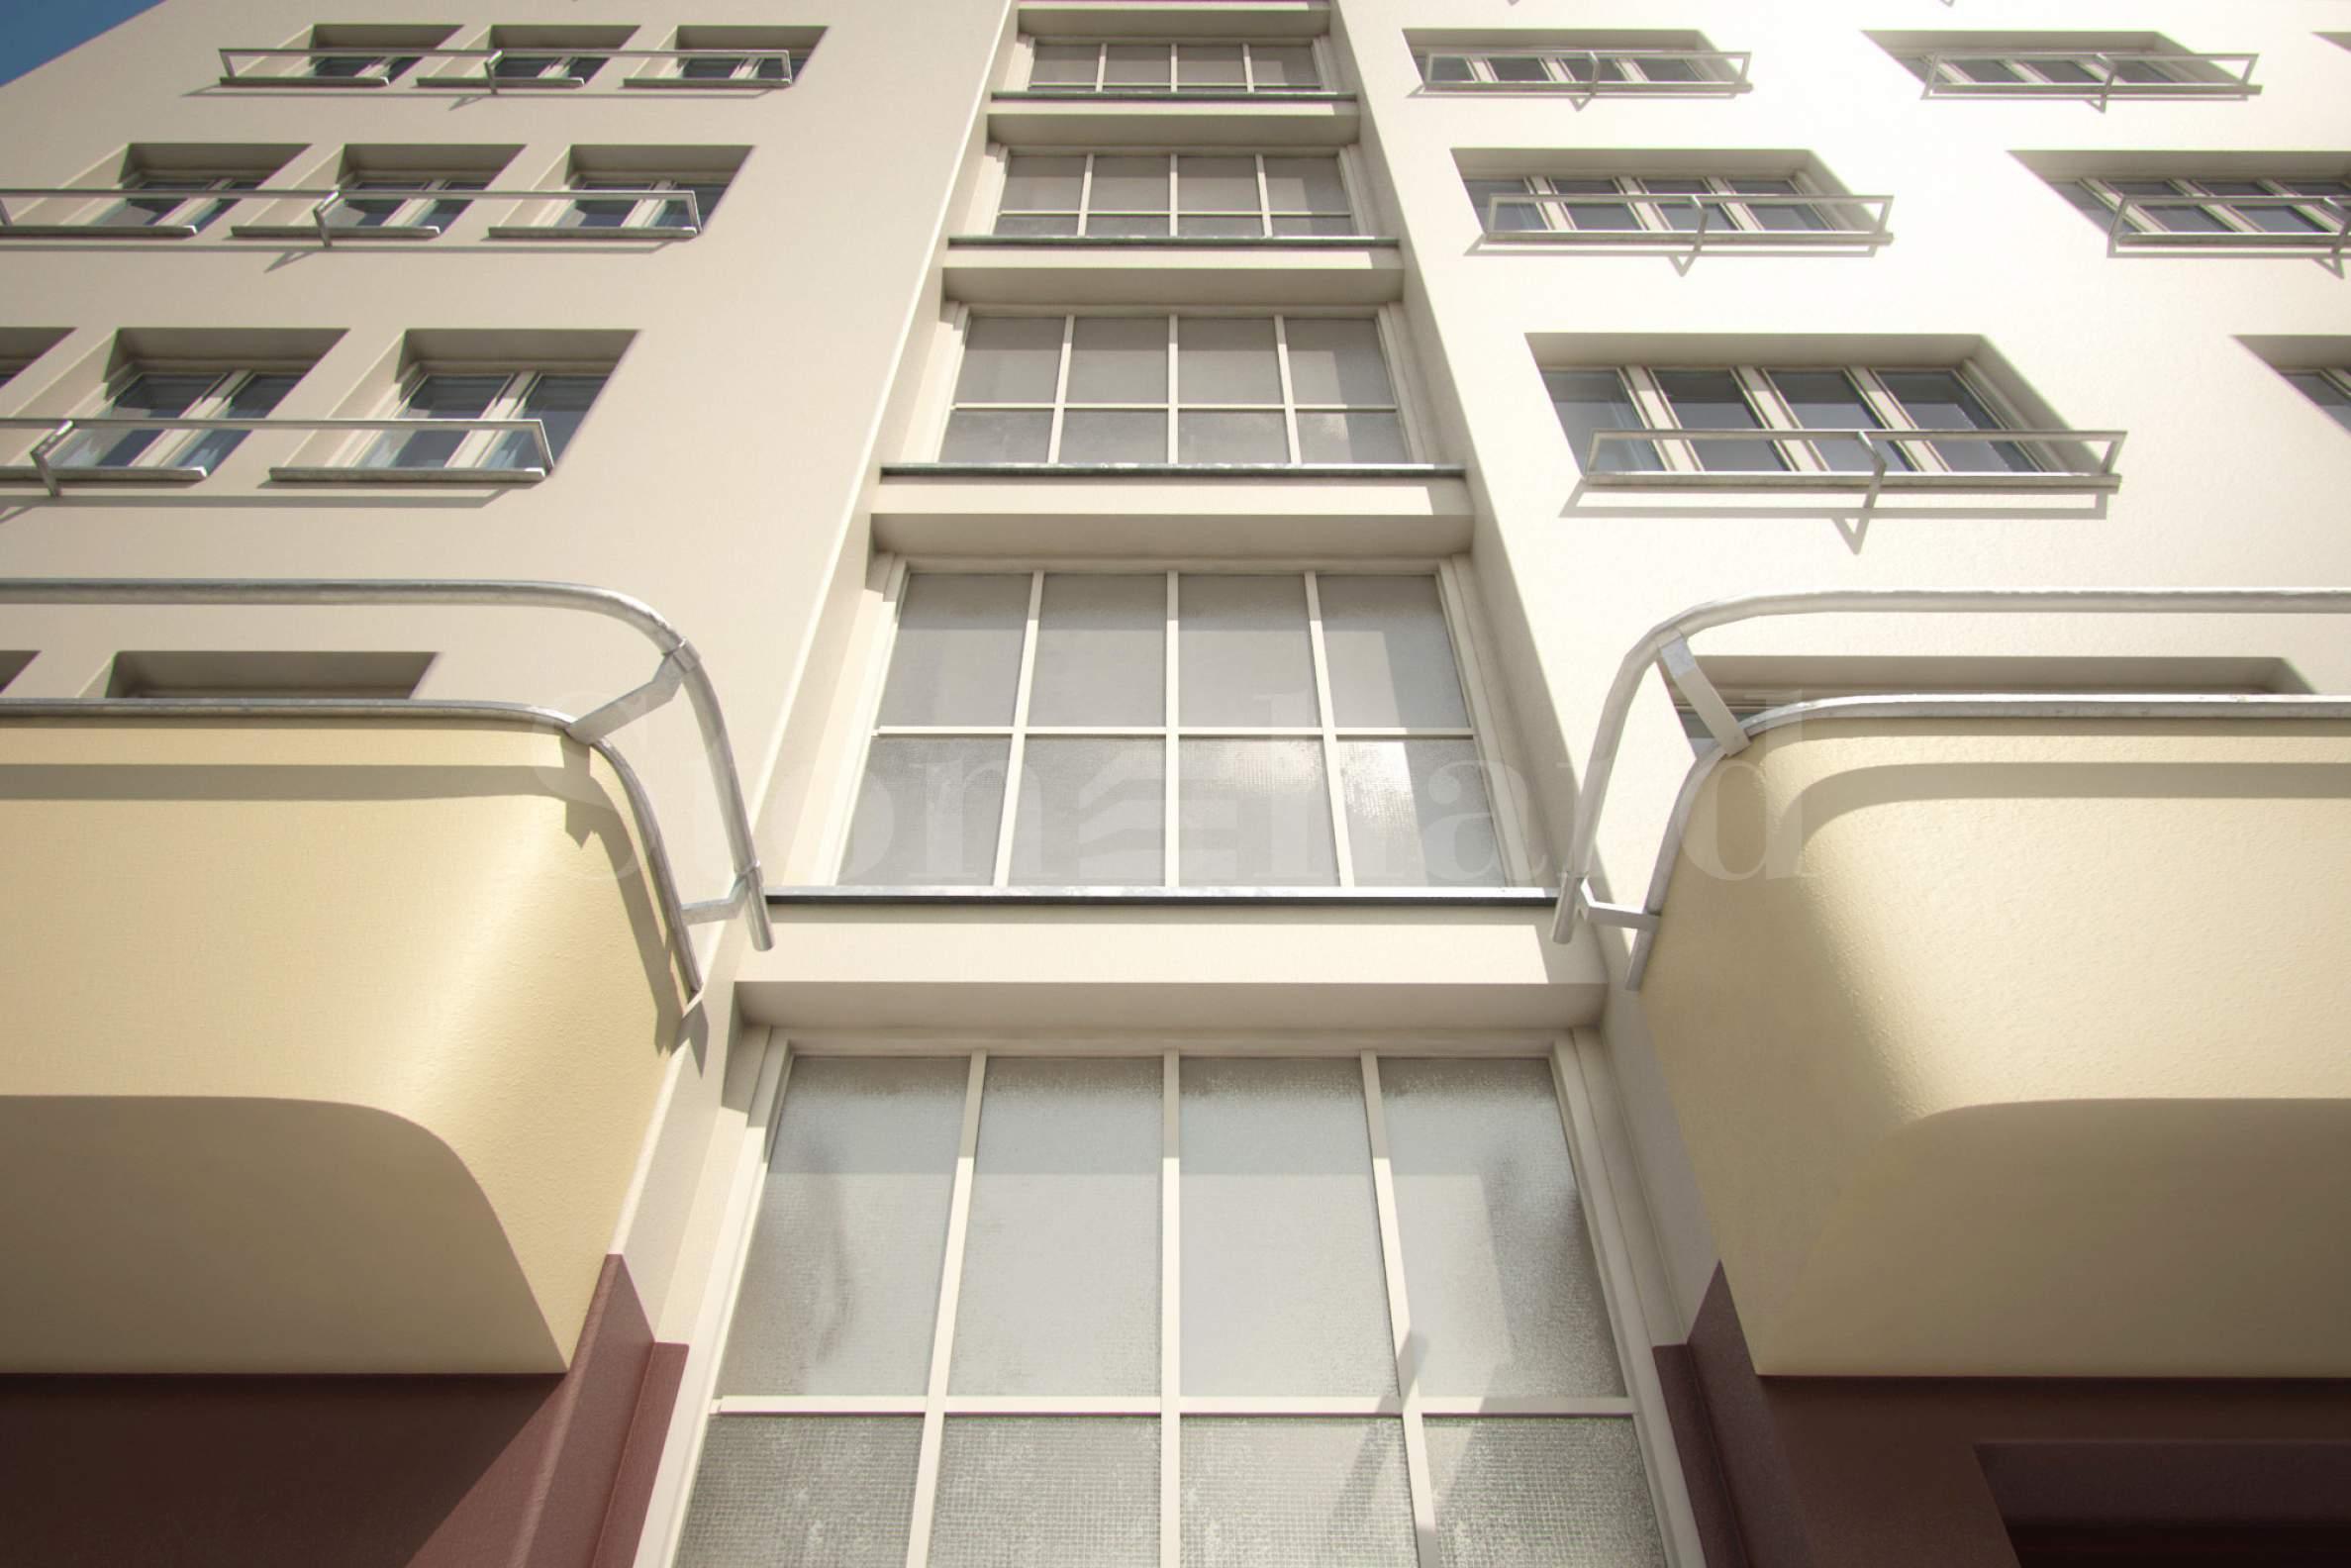 Апартаменти в обновена сграда с историческо значение до паркове2 - Stonehard